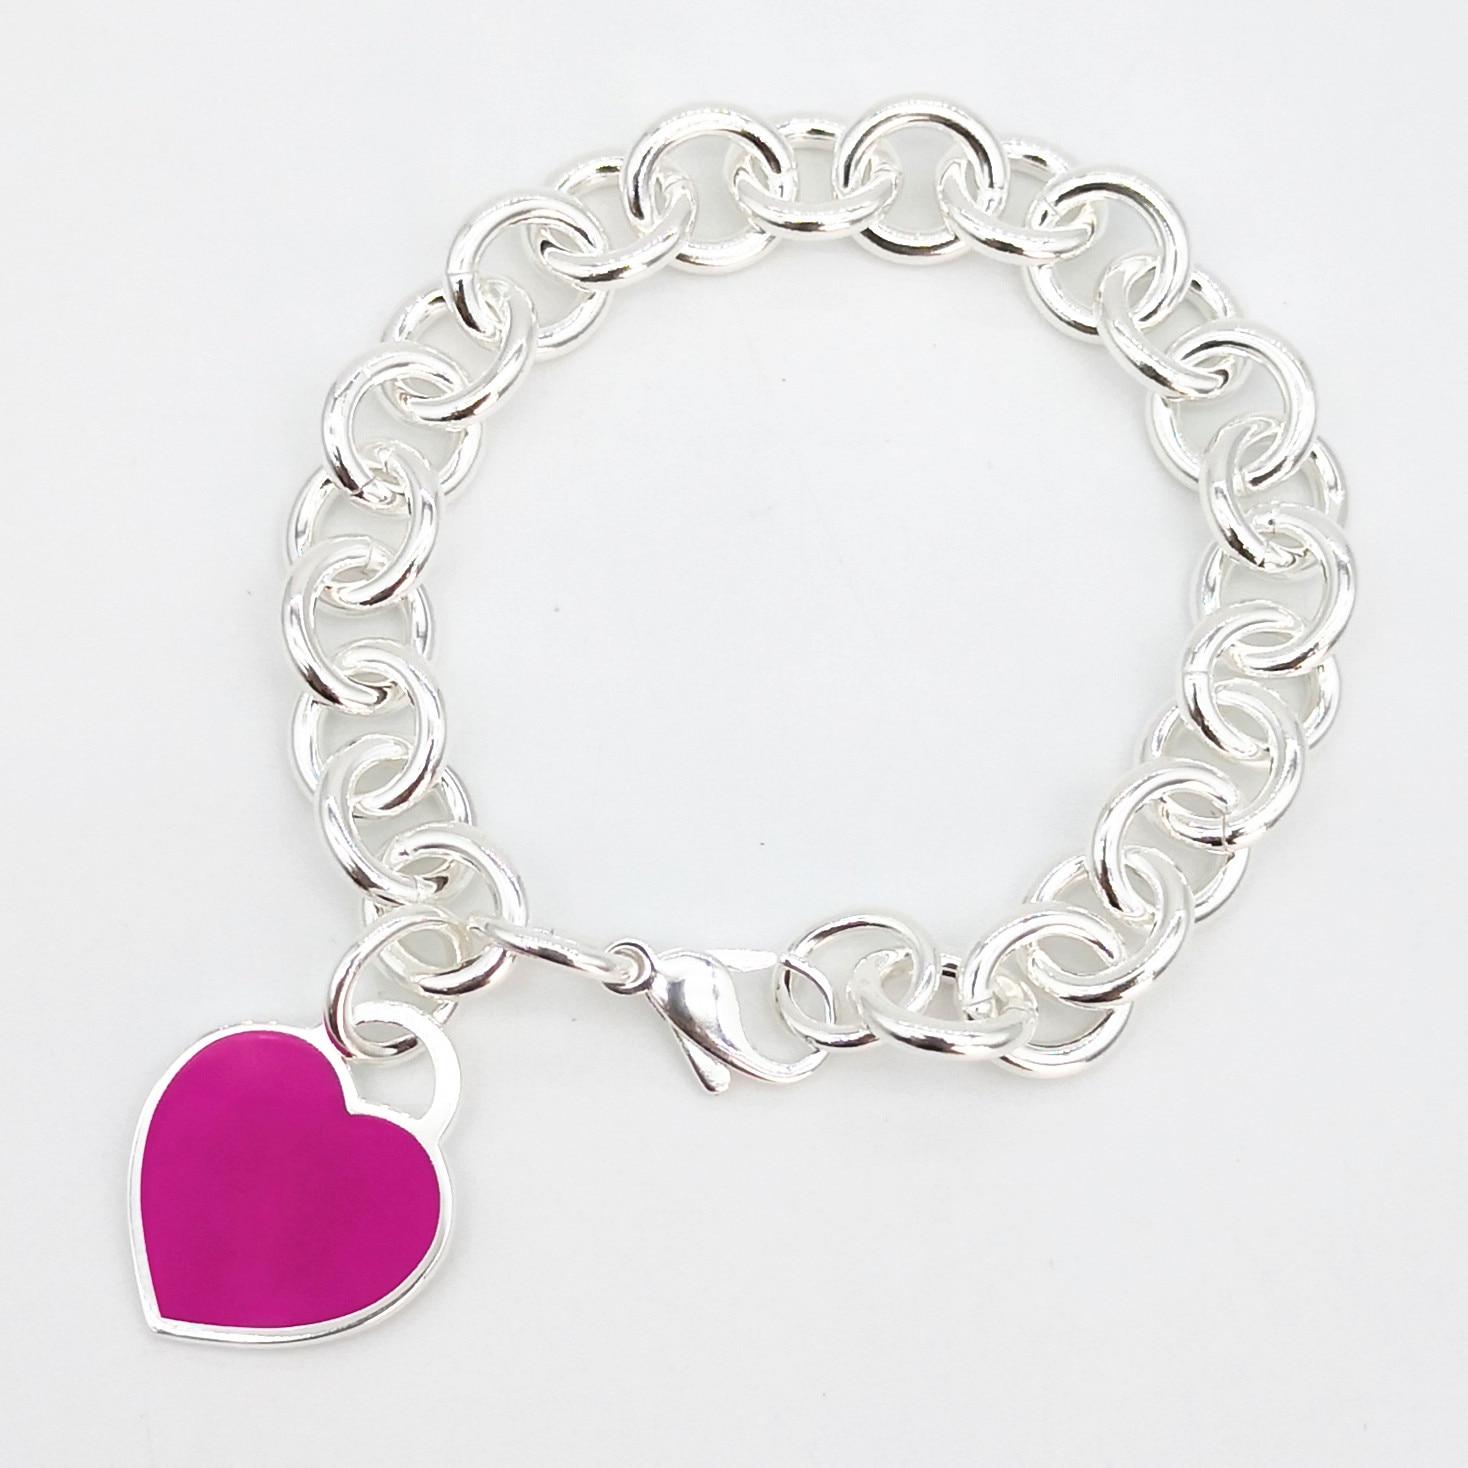 Новый женский классический браслет из стерлингового серебра S925 пробы с эмалью в форме сердца цвета фуксии, ювелирные изделия для пары, праз...